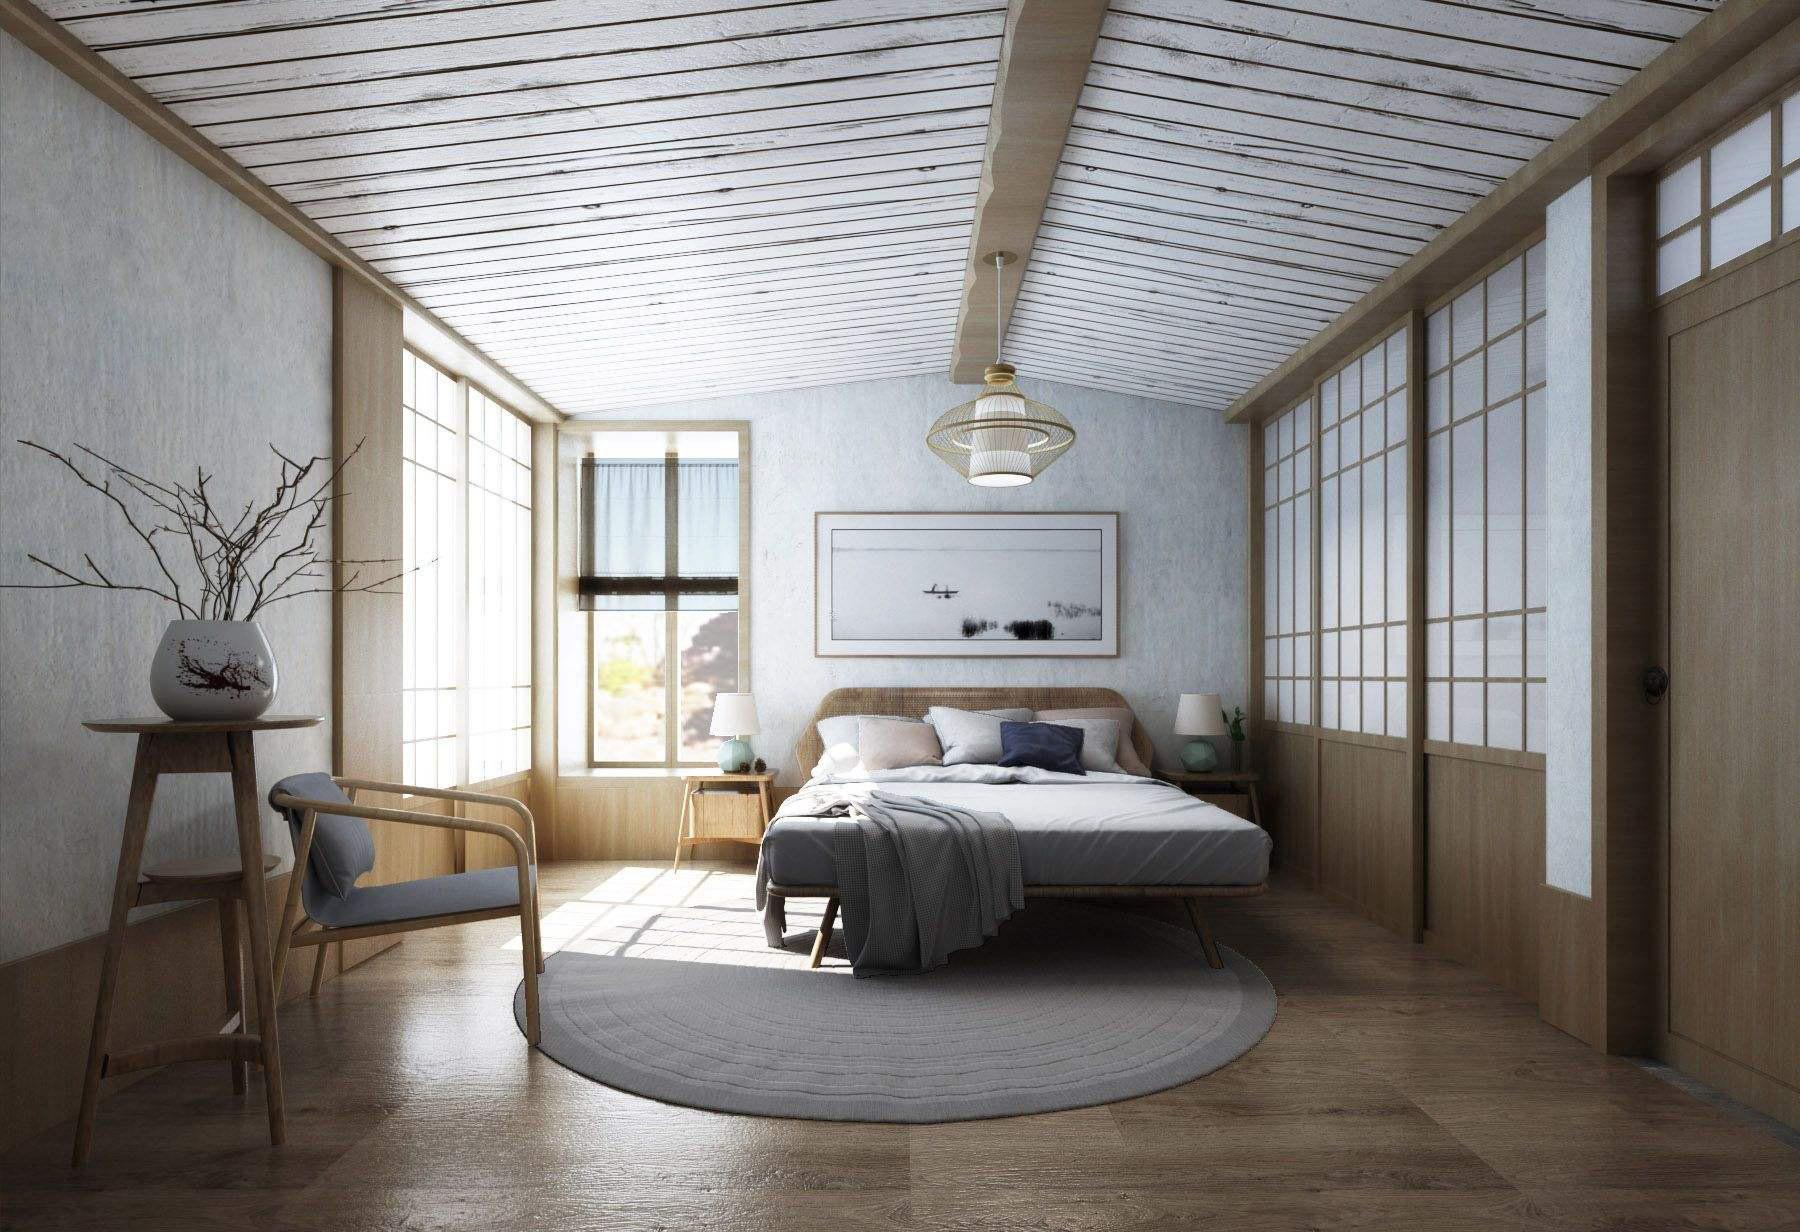 十平米日式卧室装修效果图,十平米正方形卧室装修效果图